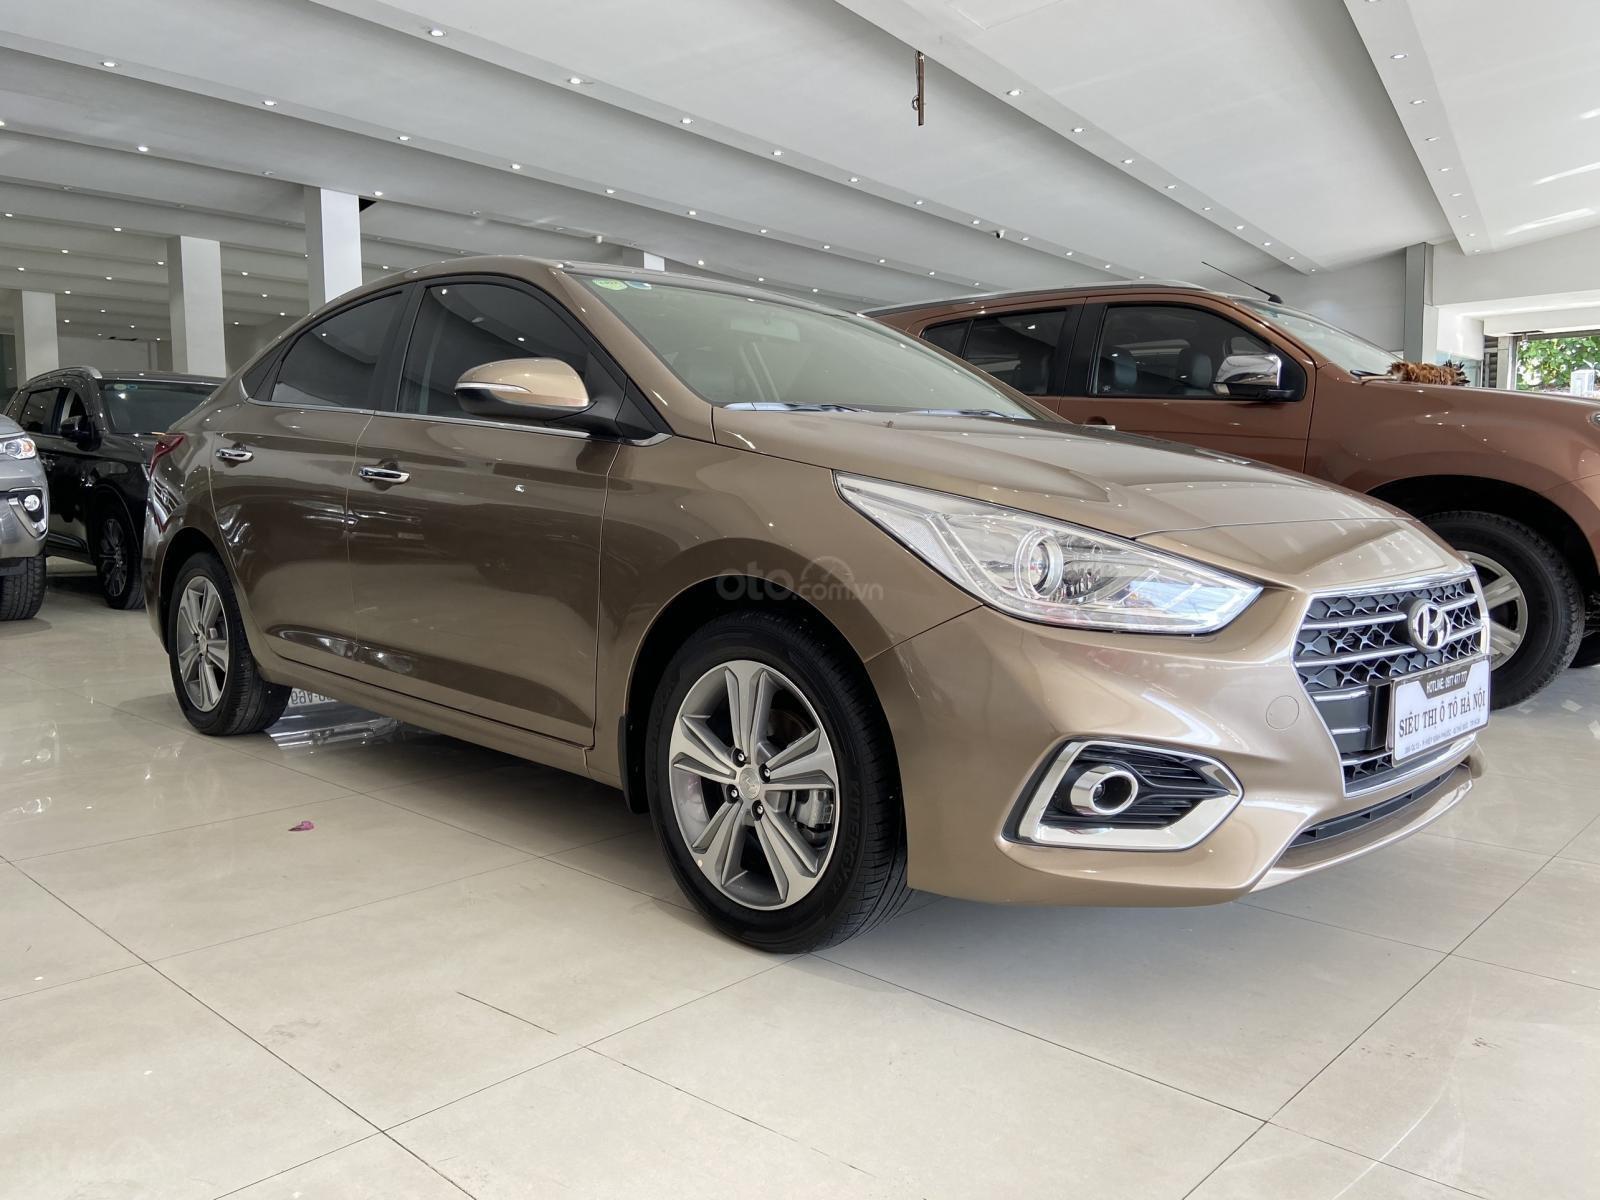 Bán xe Hyundai Accent màu vàng, bản đặc biệt siêu đẹp. (3)